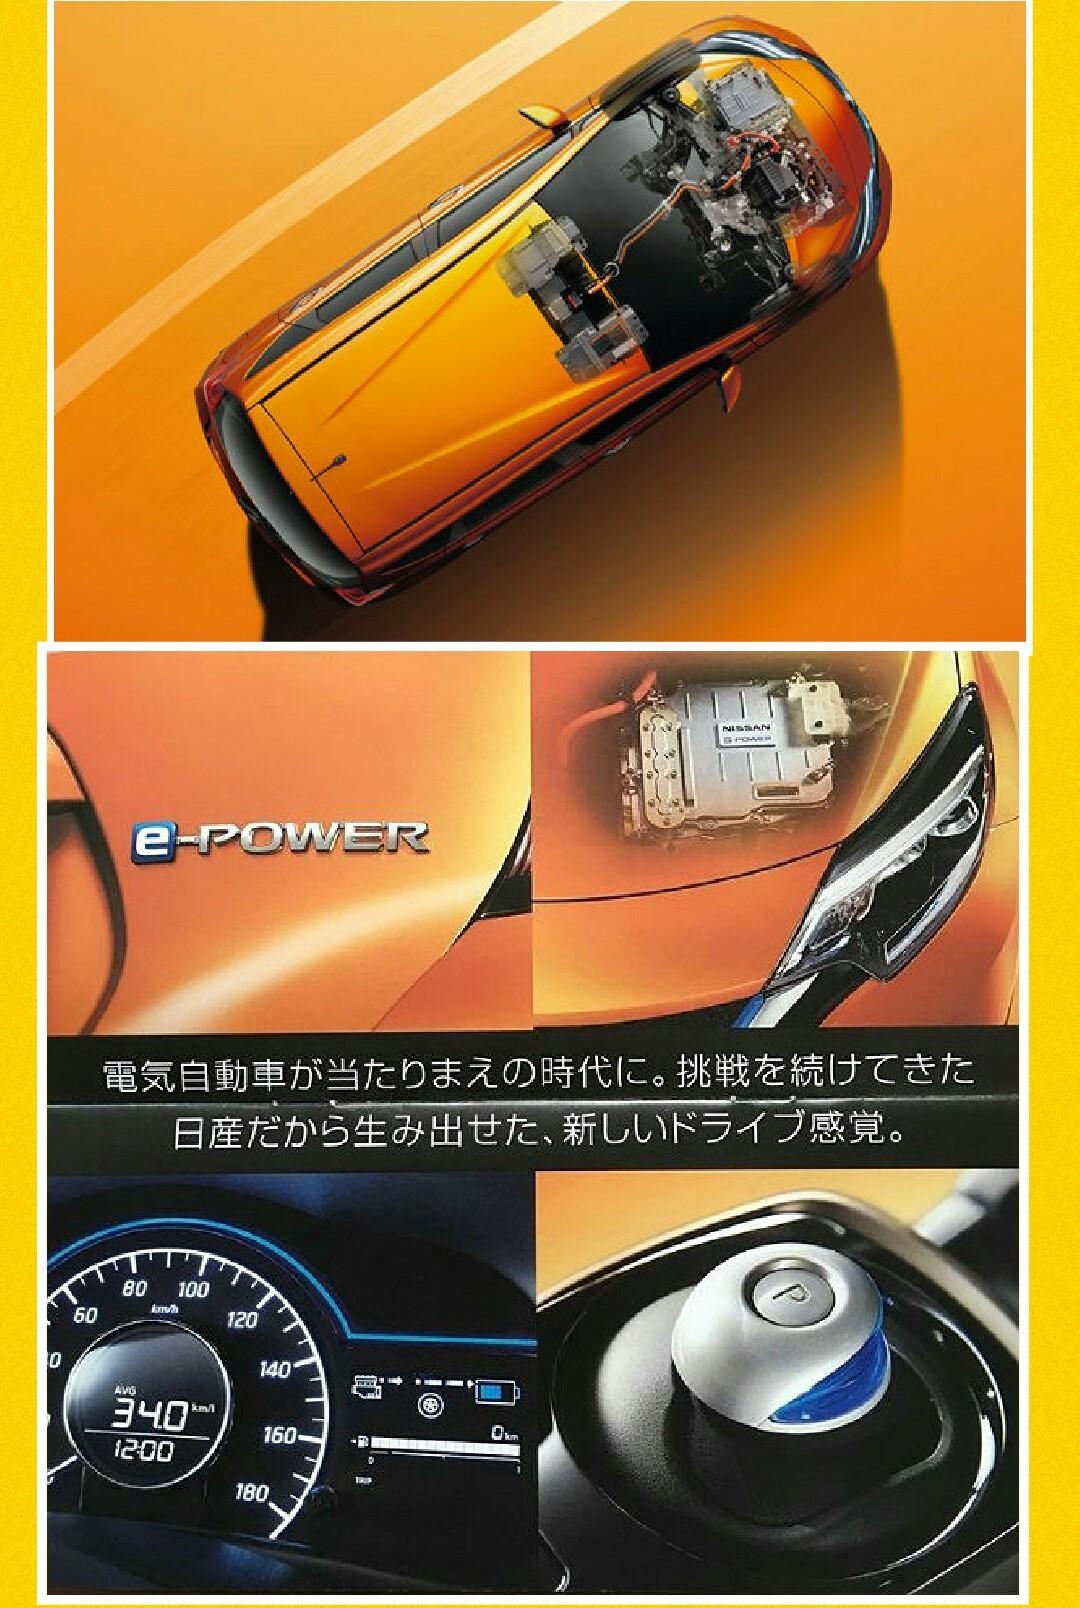 日産 e-power ノート